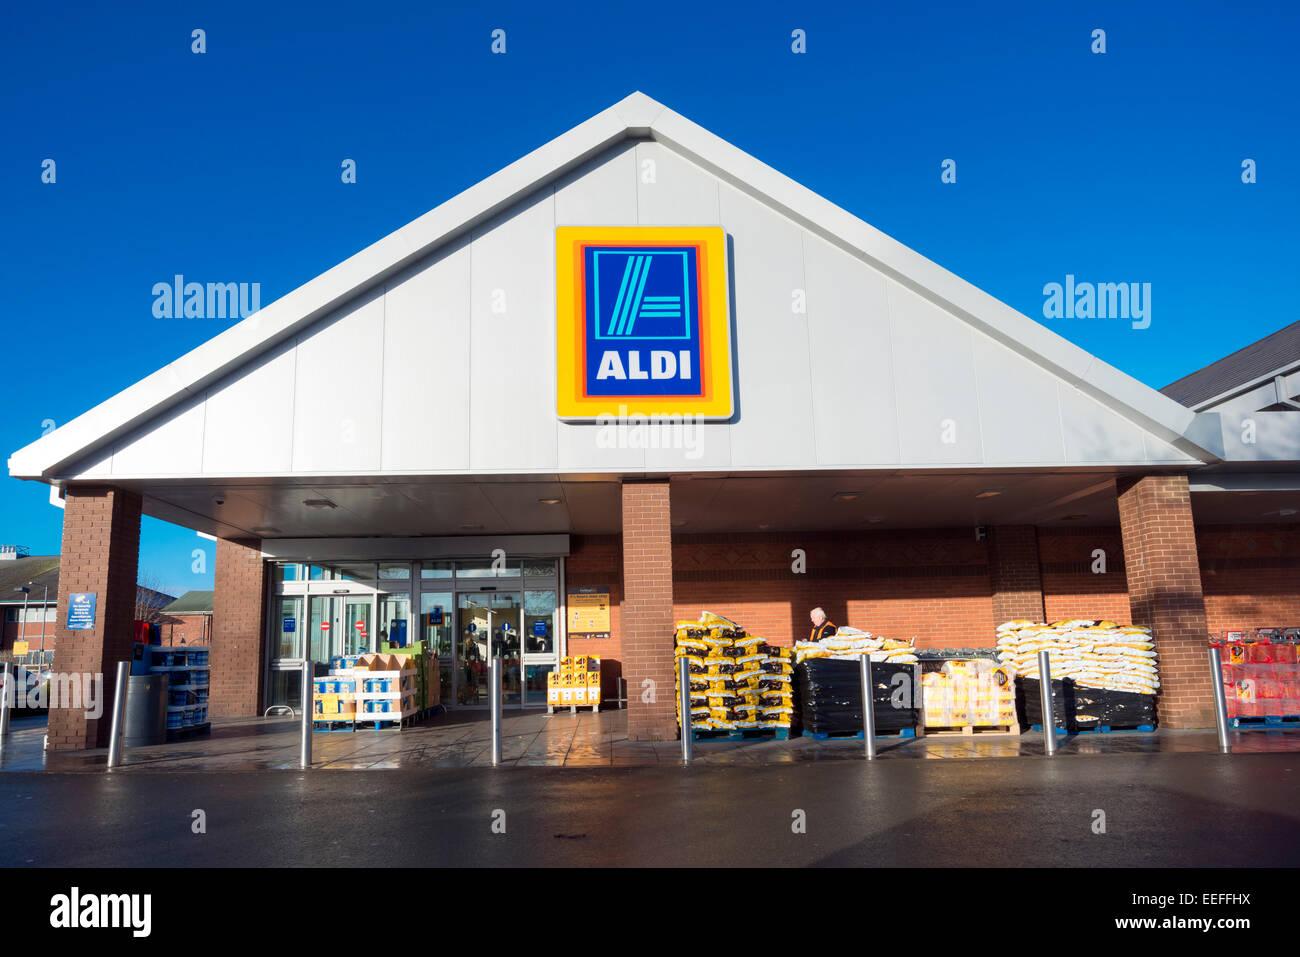 Supermercado ALDI en Hereford, Reino Unido. Foto de stock